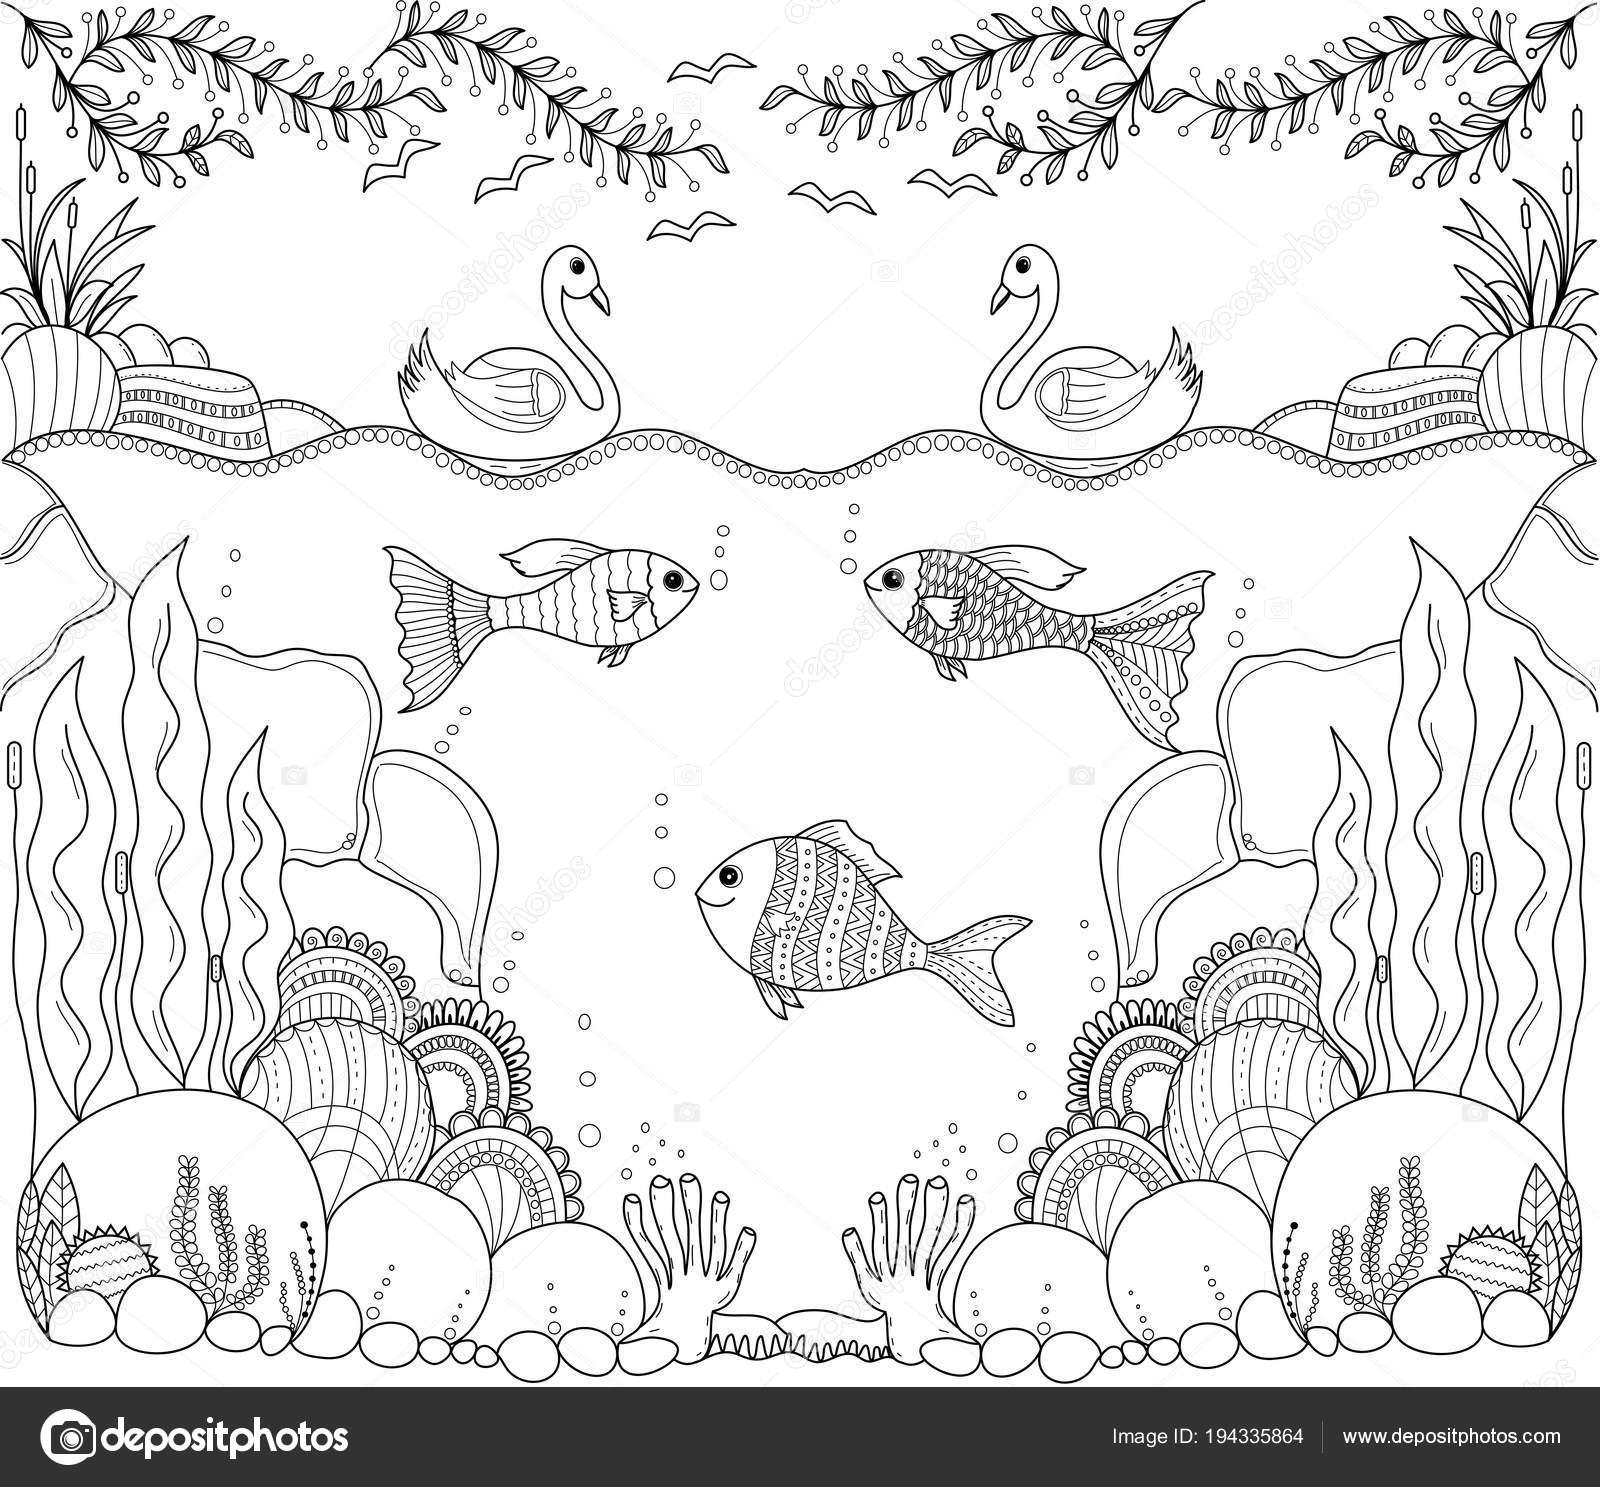 Tropische Vissen Zentangle Gestileerde Voor Volwassene Kleurplaat Fotoboekpagina Hand Drawn Vectorafbeelding Door C Noonizen9 Vectorstock 194335864